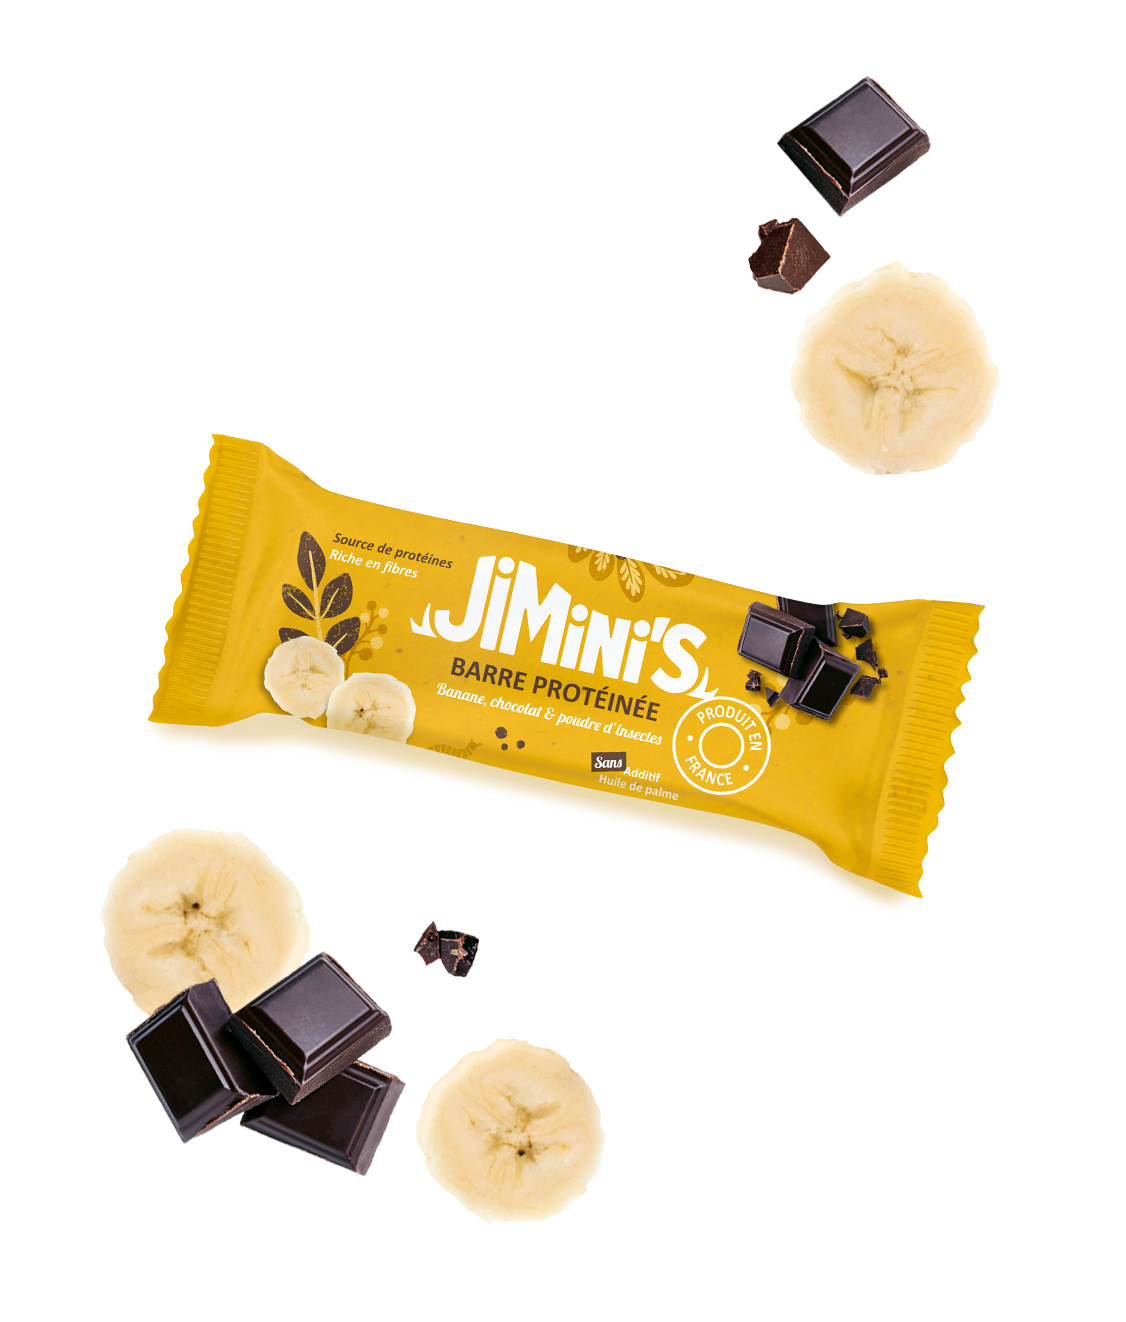 Barre protéinée banane et chocolat